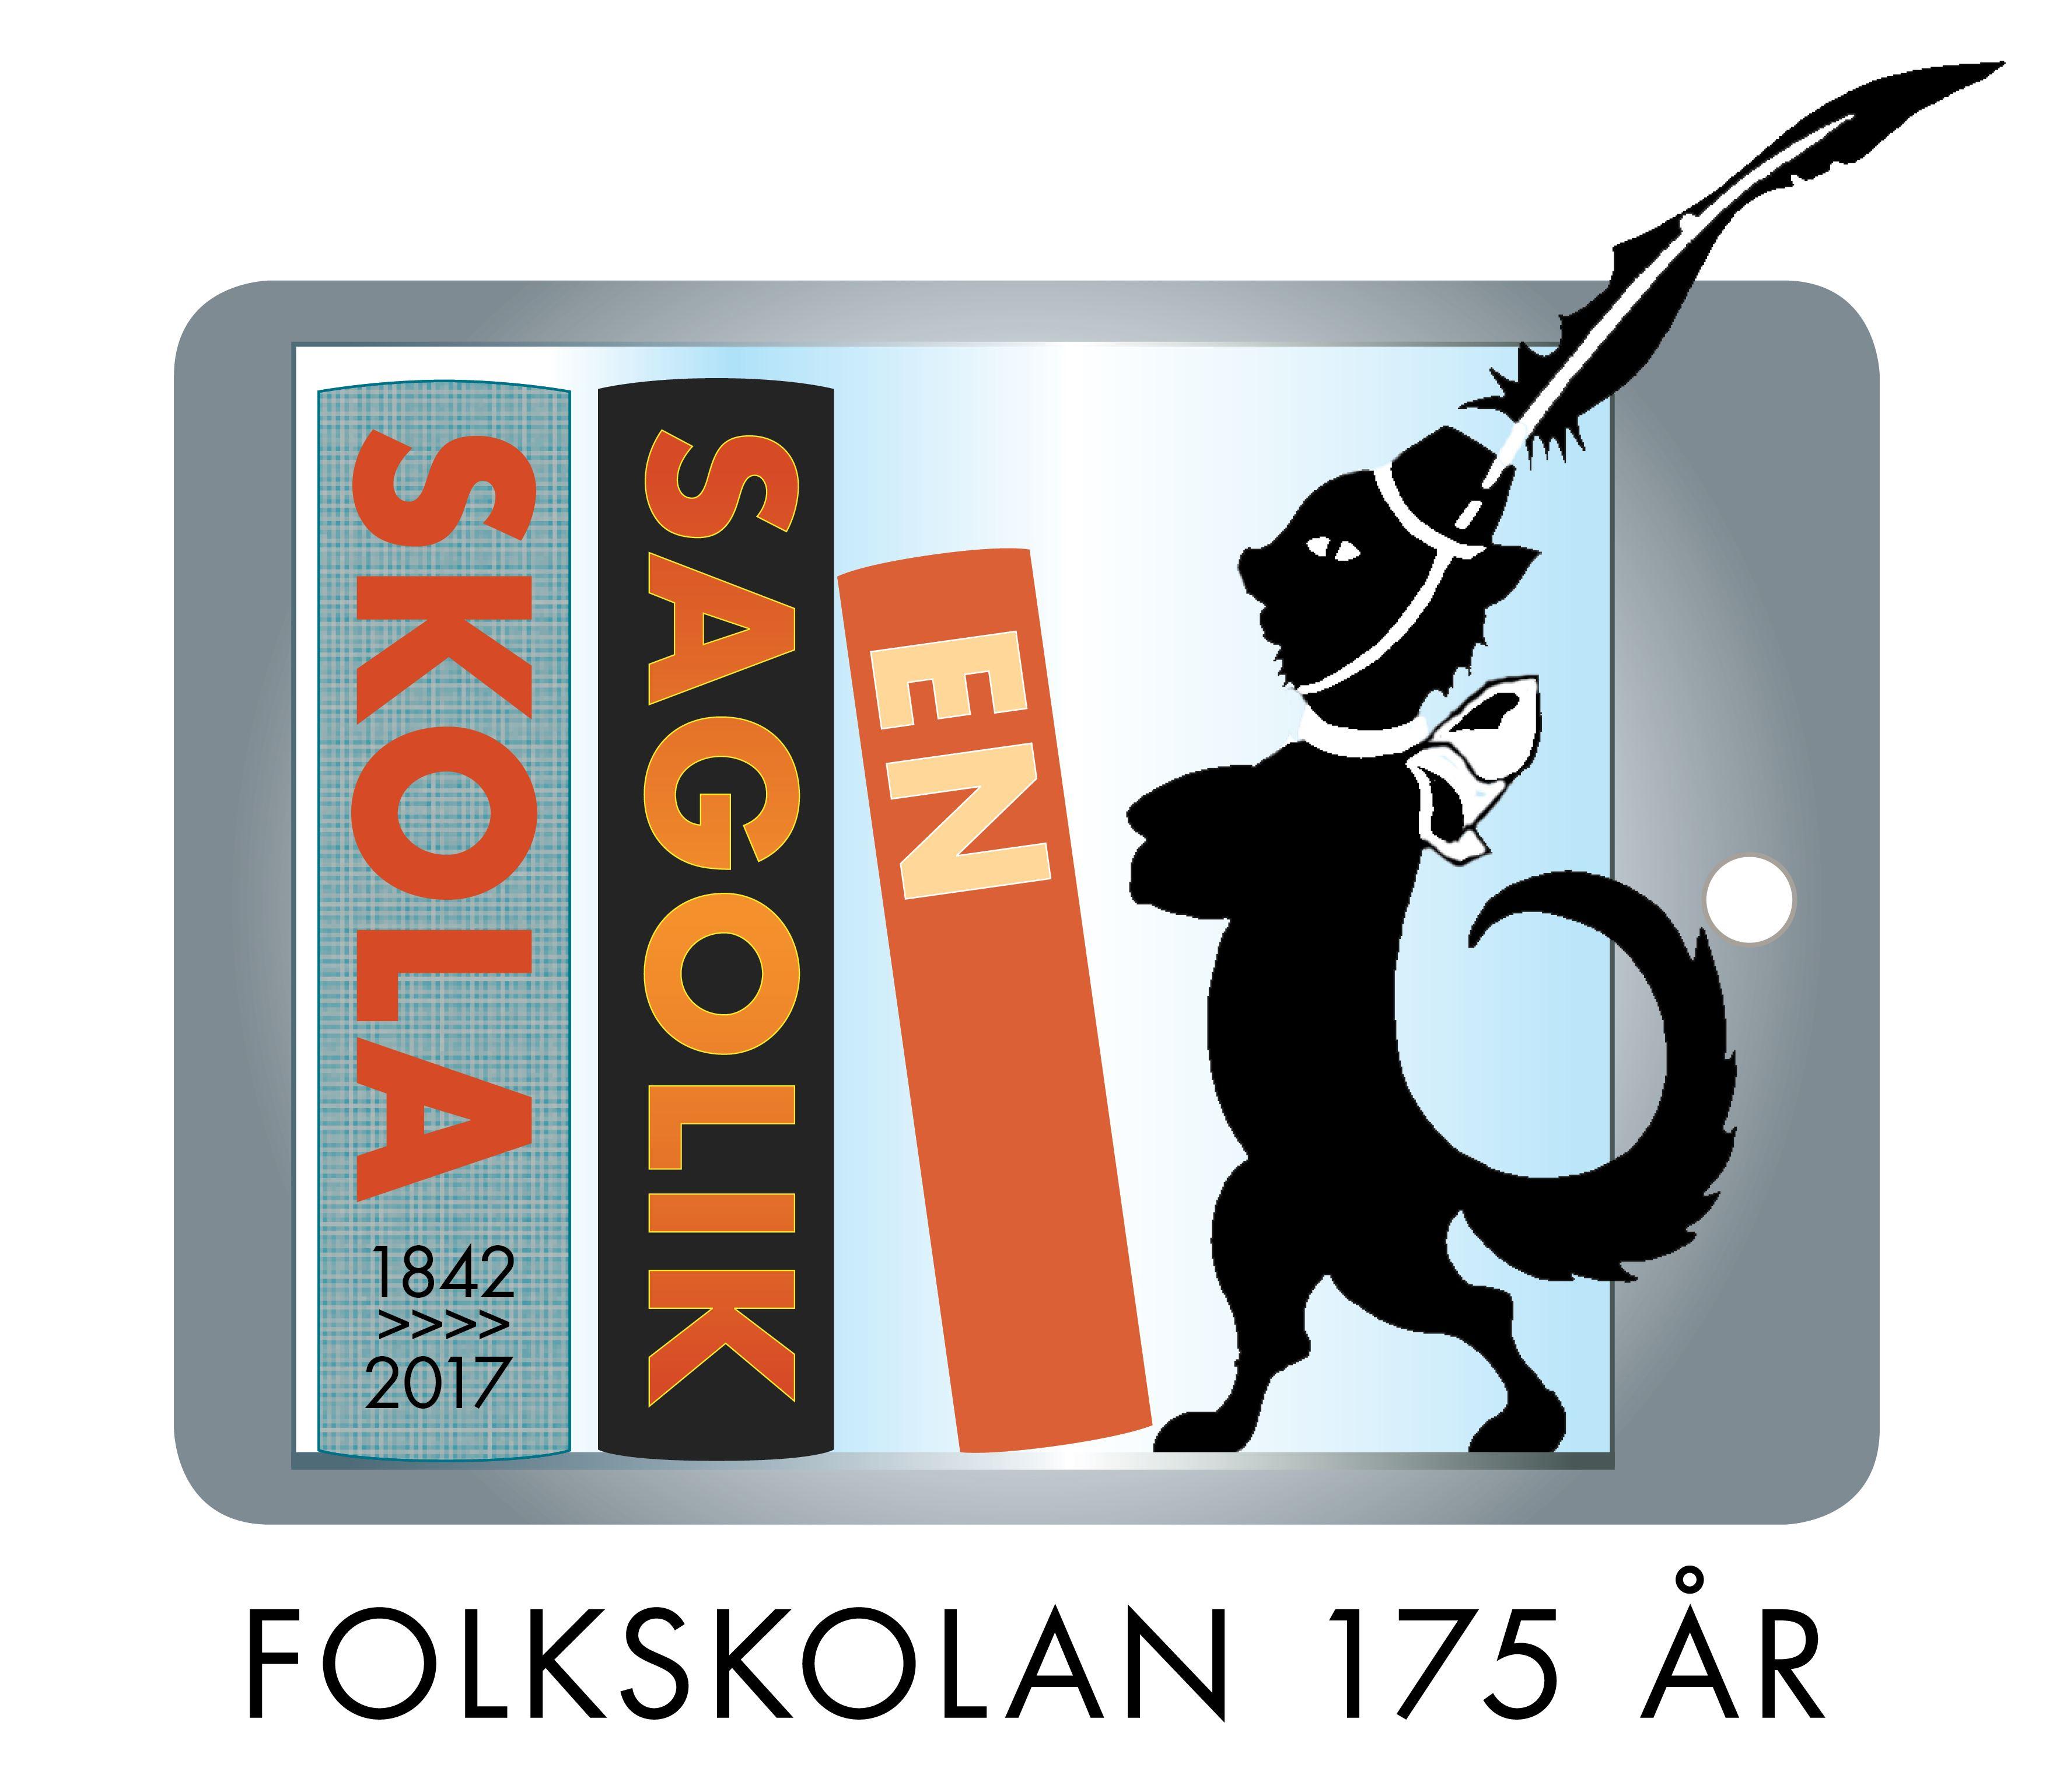 En sagolik skola - Folkskolan 175 år!